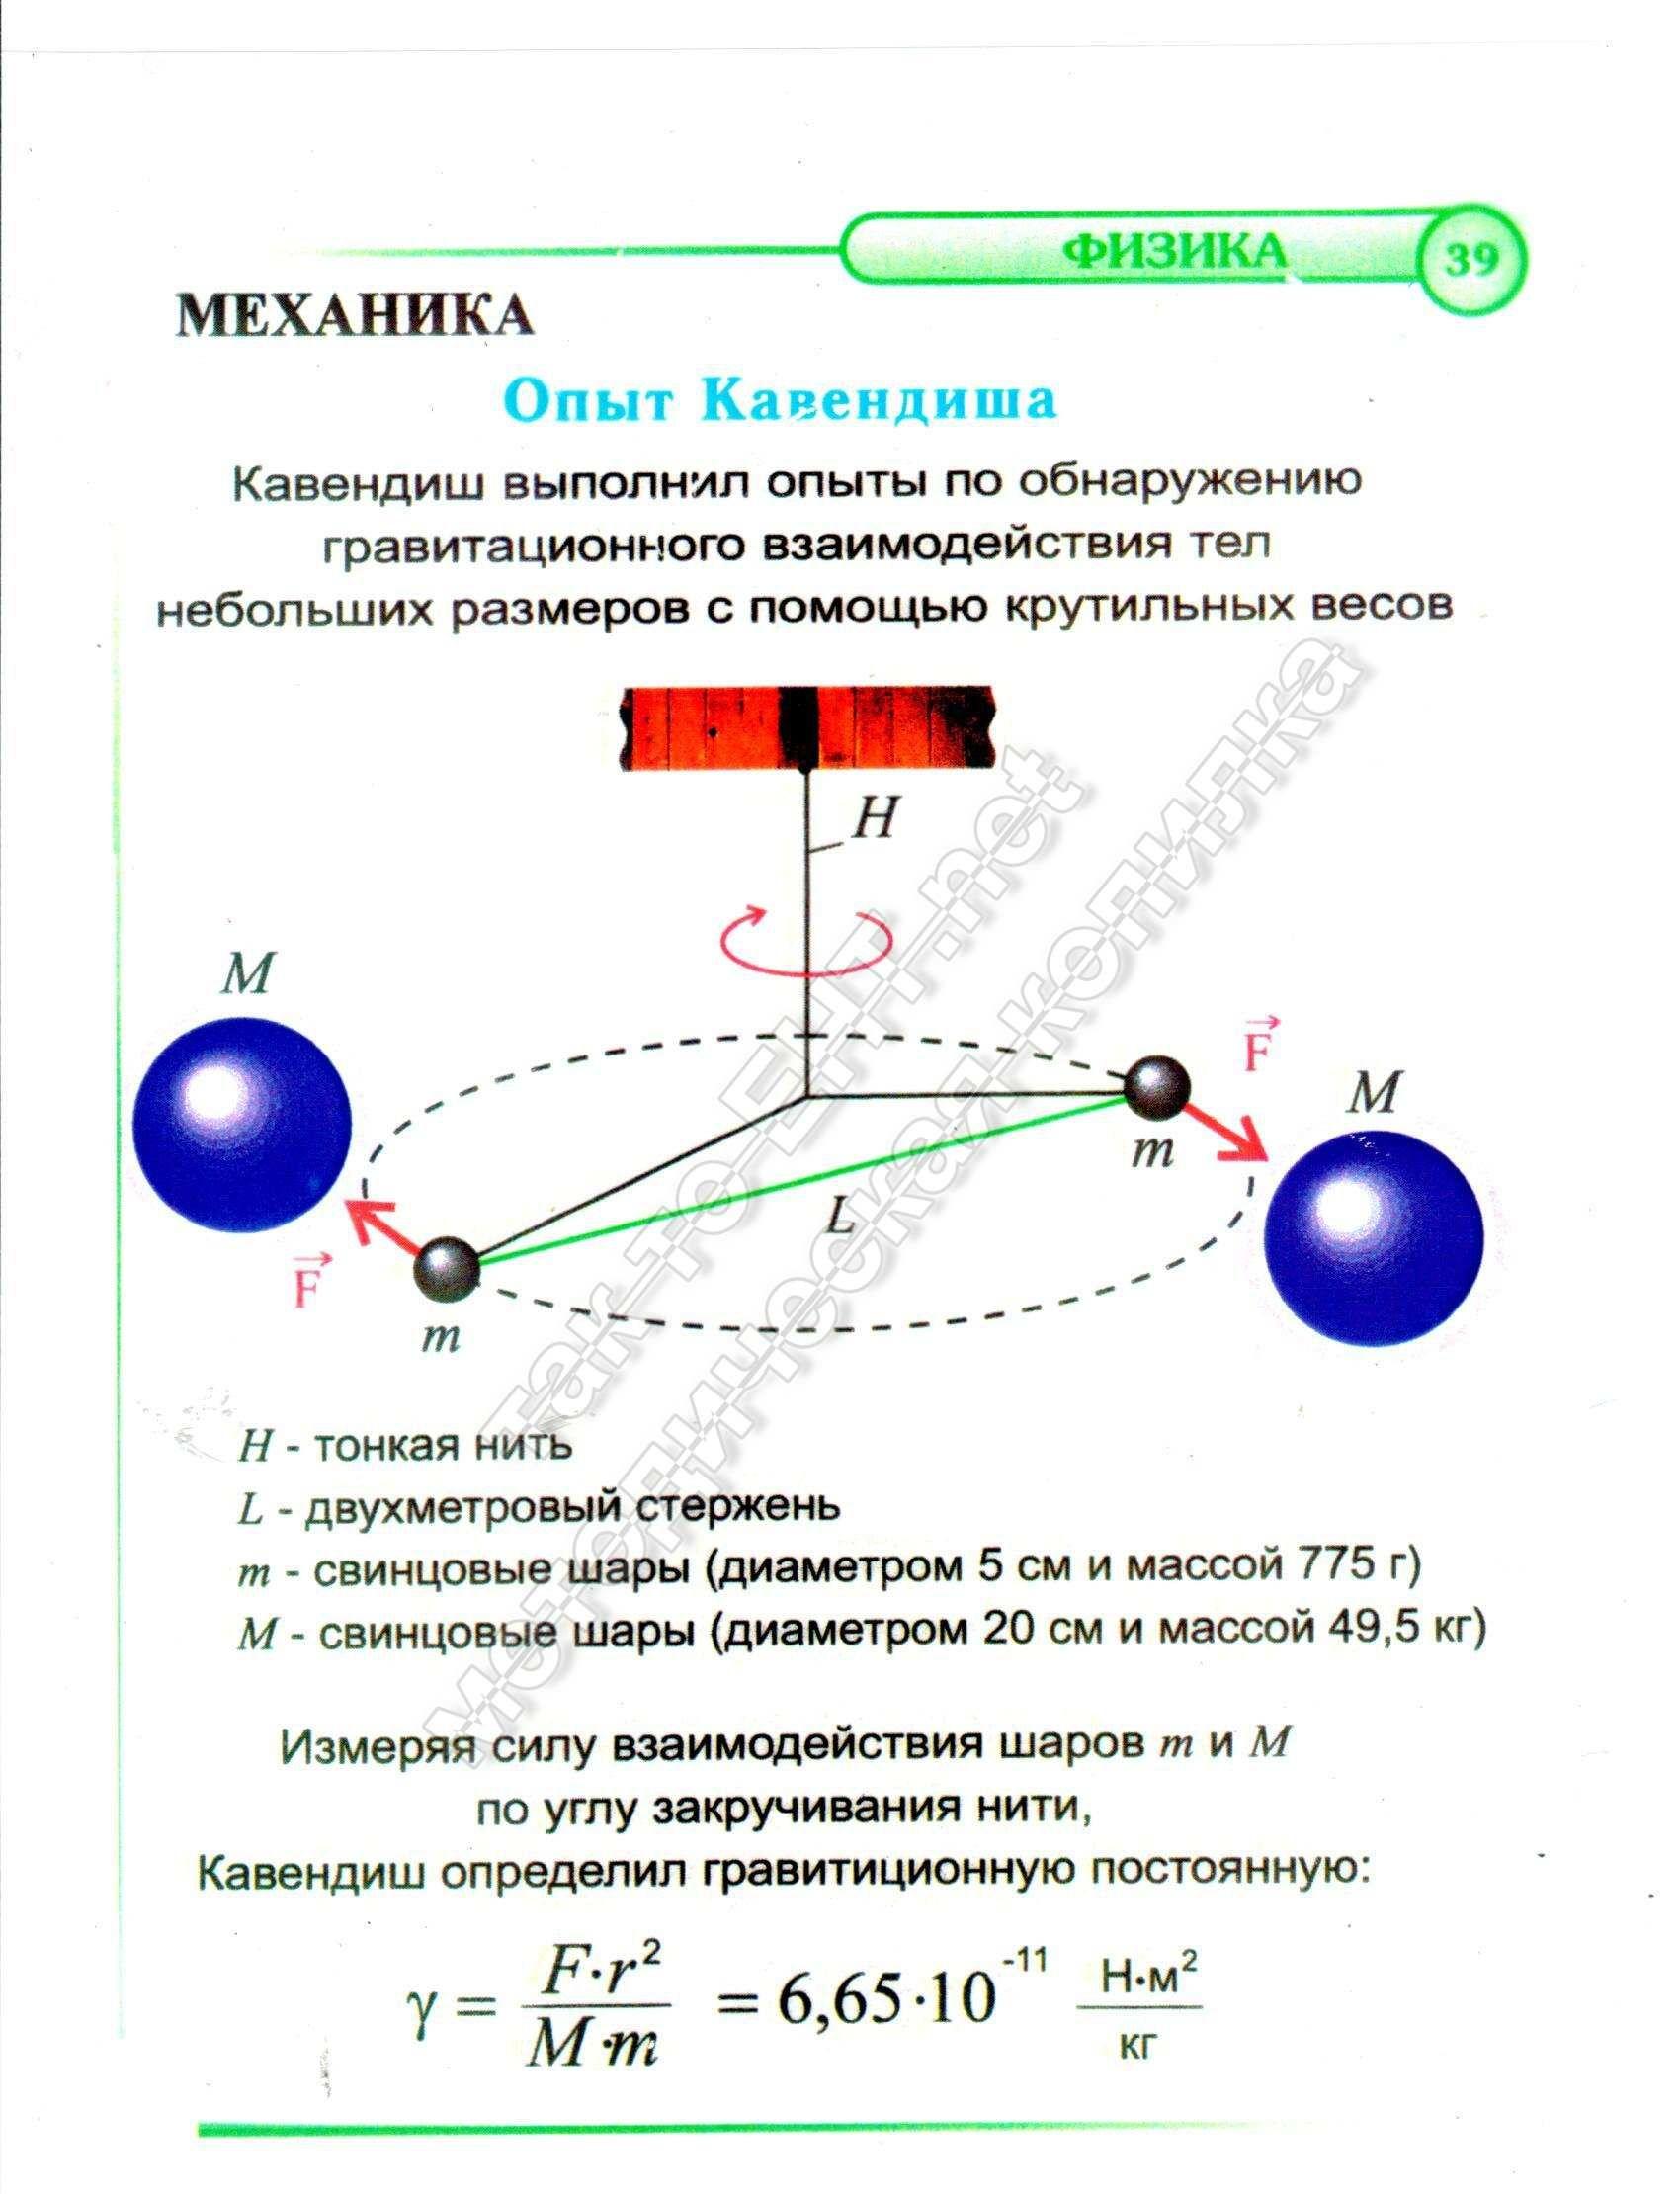 Опыт Кавендиша (механика)